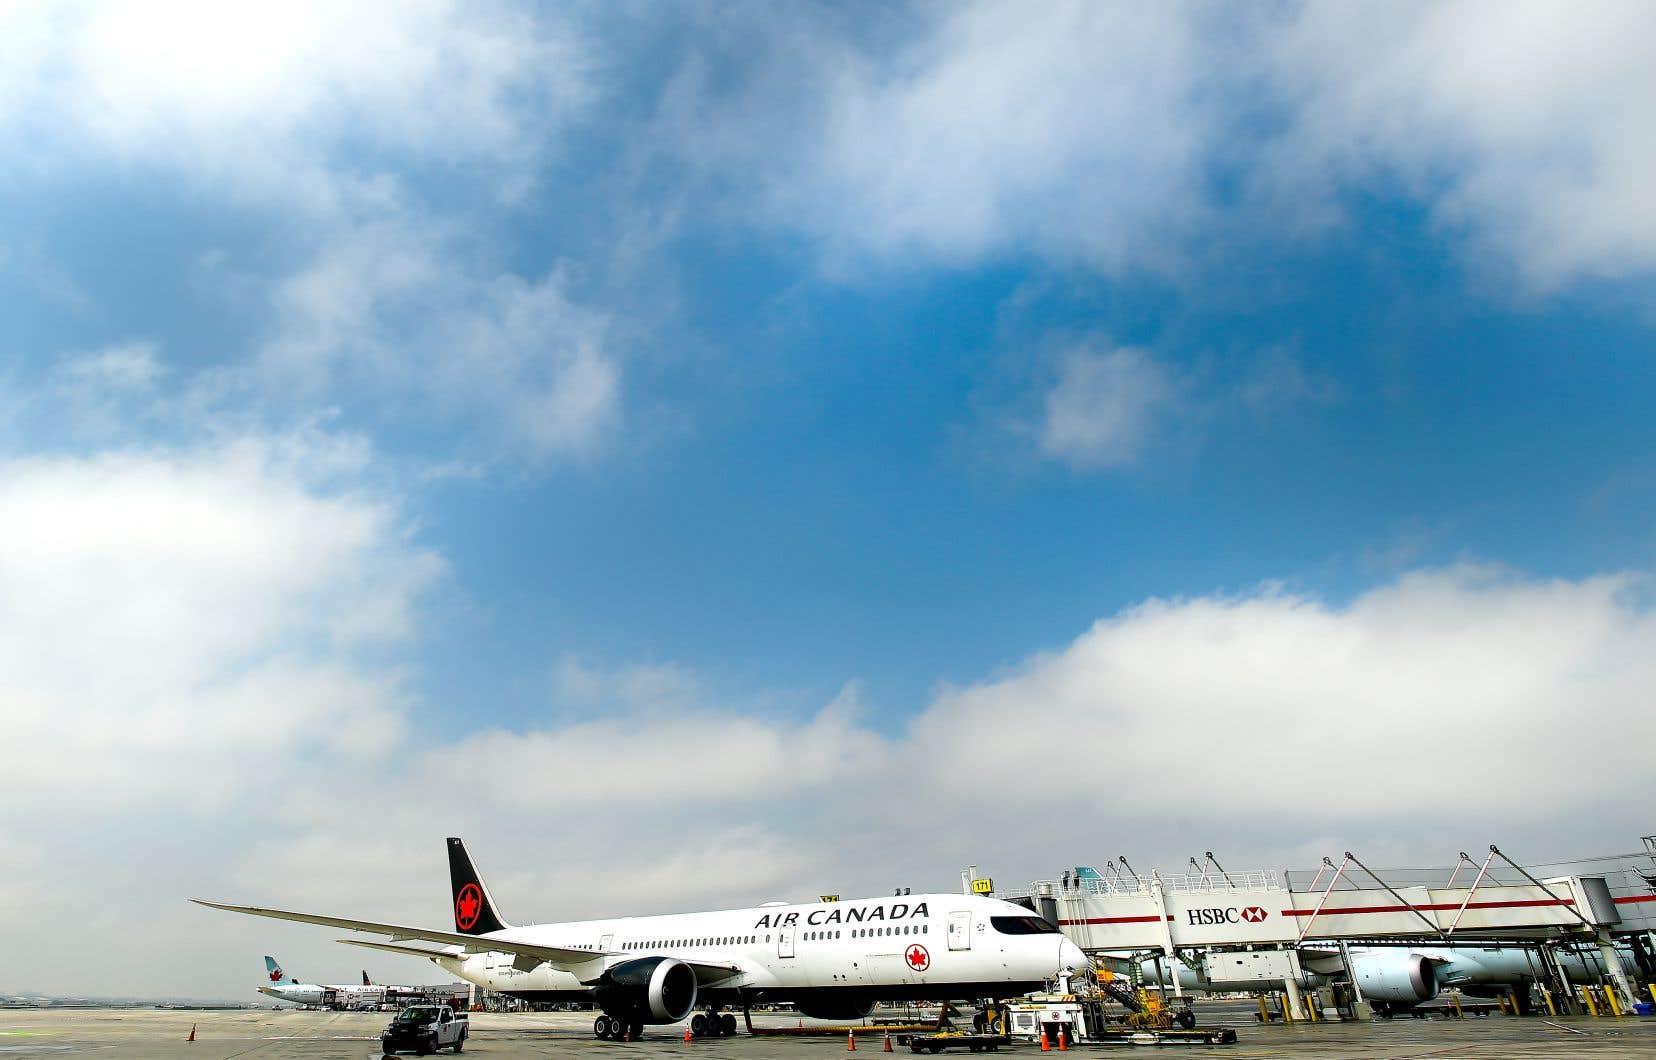 Air Canada a refusé de rembourser les billets non remboursables jusqu'à ce qu'elle reçoive en avril une aide financière du gouvernement canadien.